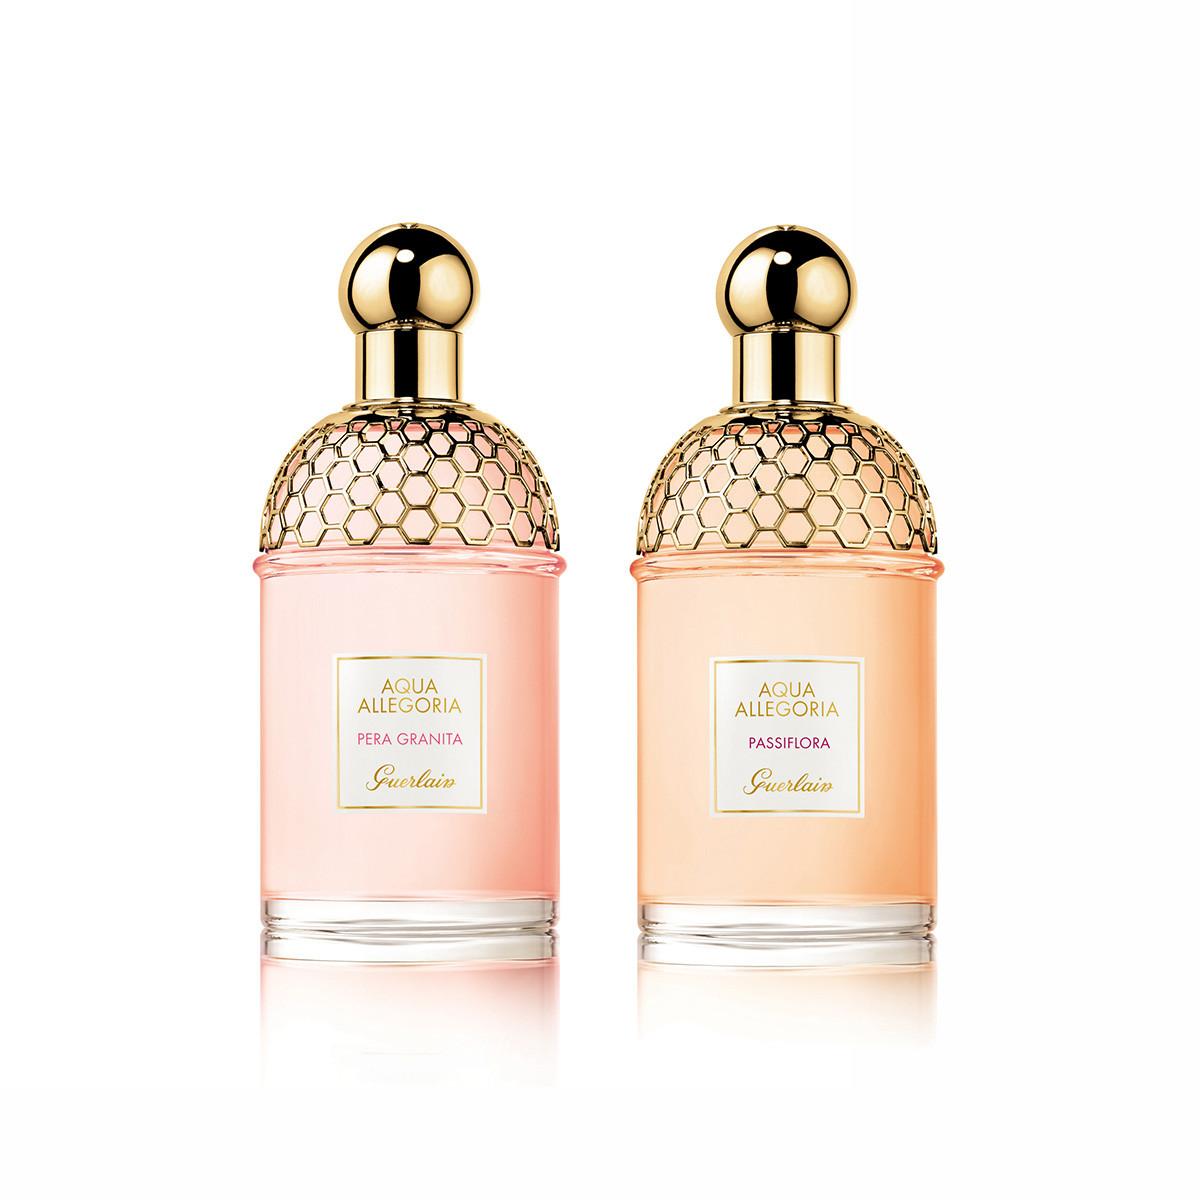 """シュッとひと吹きで、自然の楽園へと誘われる至福の香り。「ゲラン」の""""アクア アレゴリア""""から2つの香りが新登場!_1_1"""